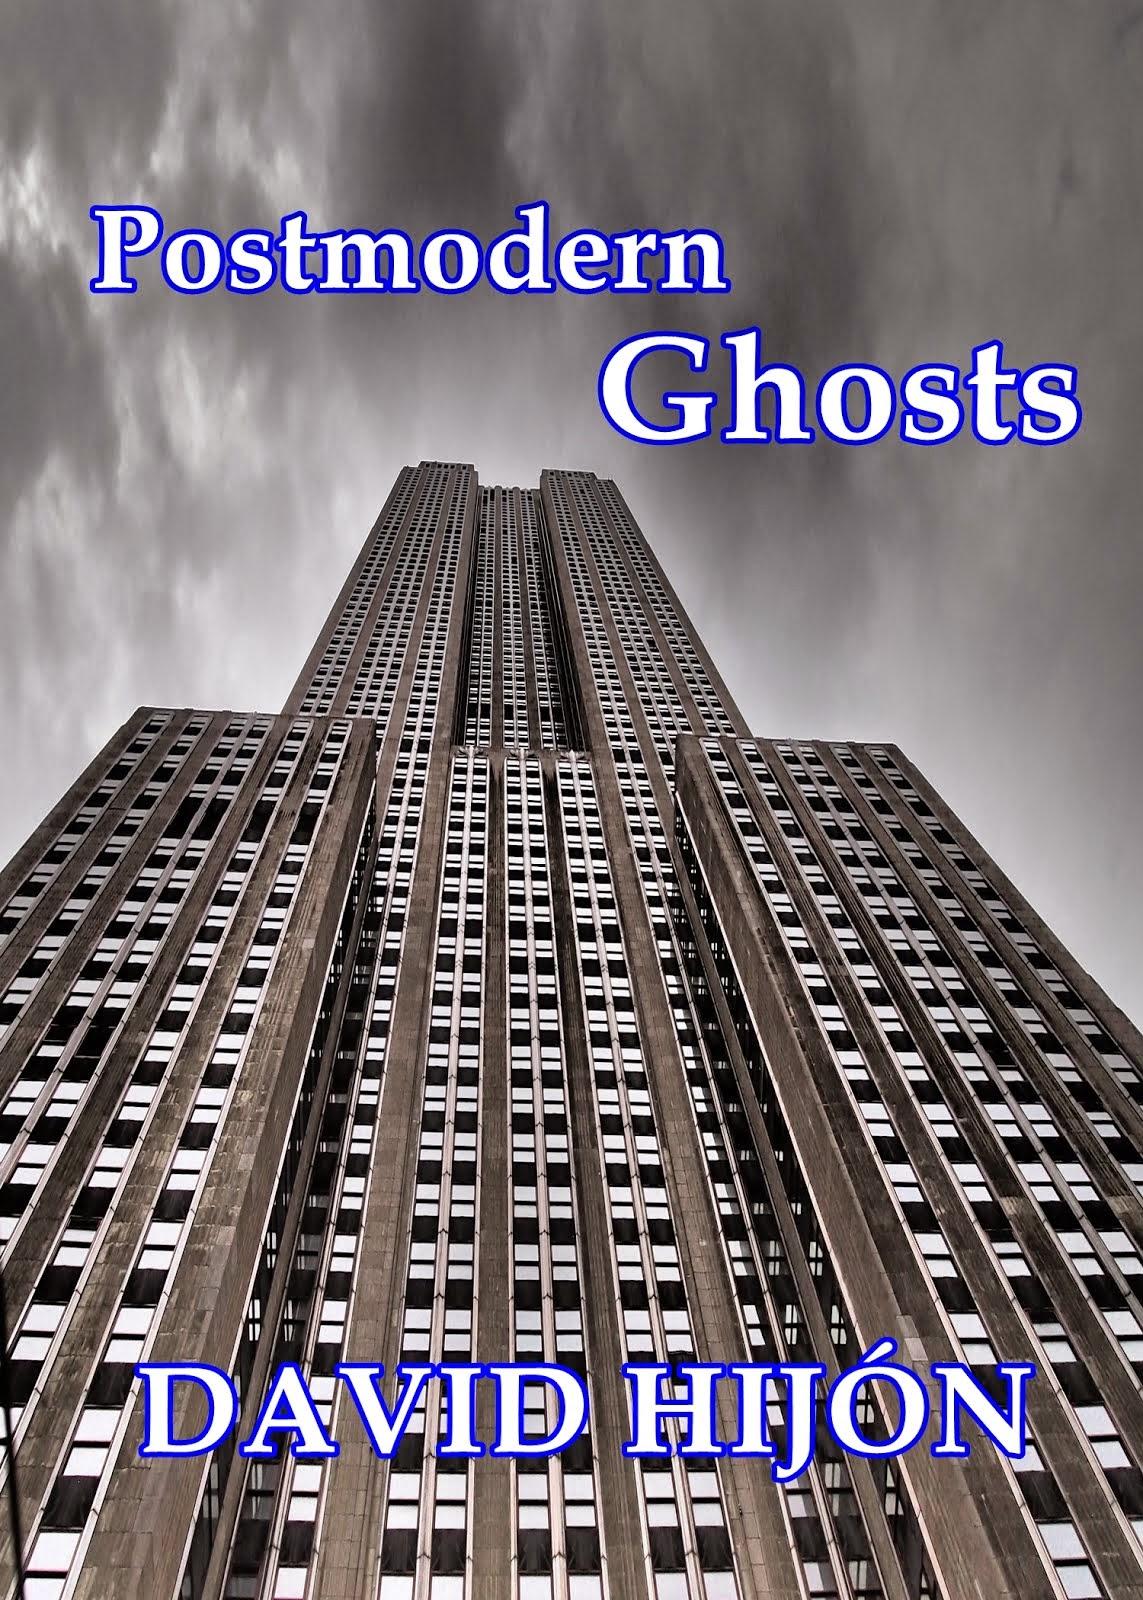 Postmodern Ghosts